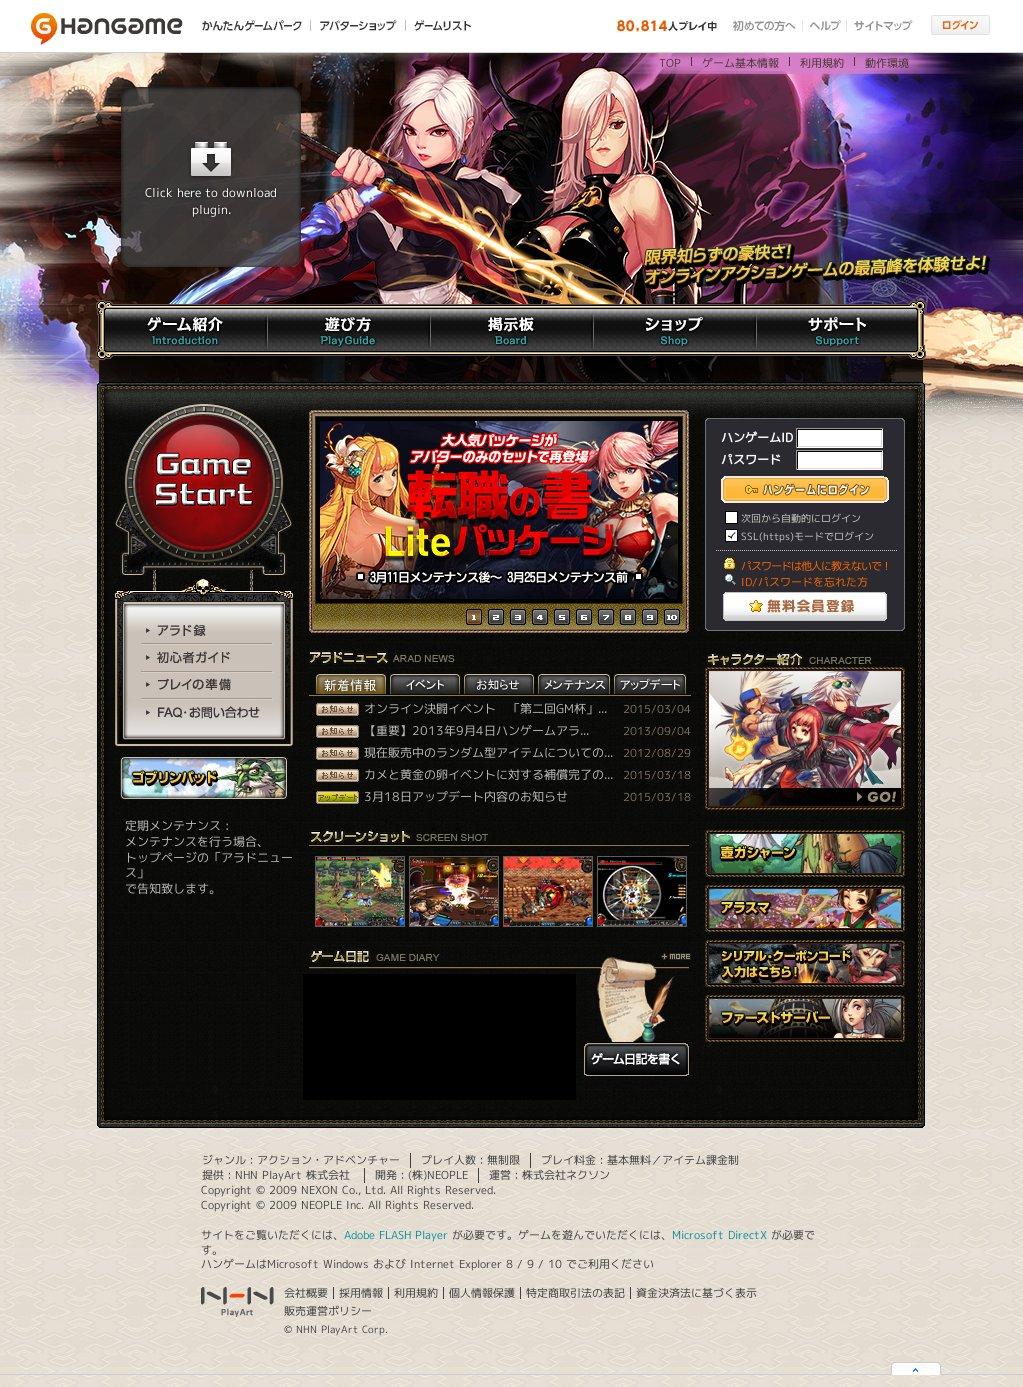 「アラド戦記」の公式サイトを偽装したフィッシングサイト。素材はオフィシャルサイトから盗んだものだけに見分けが付かない